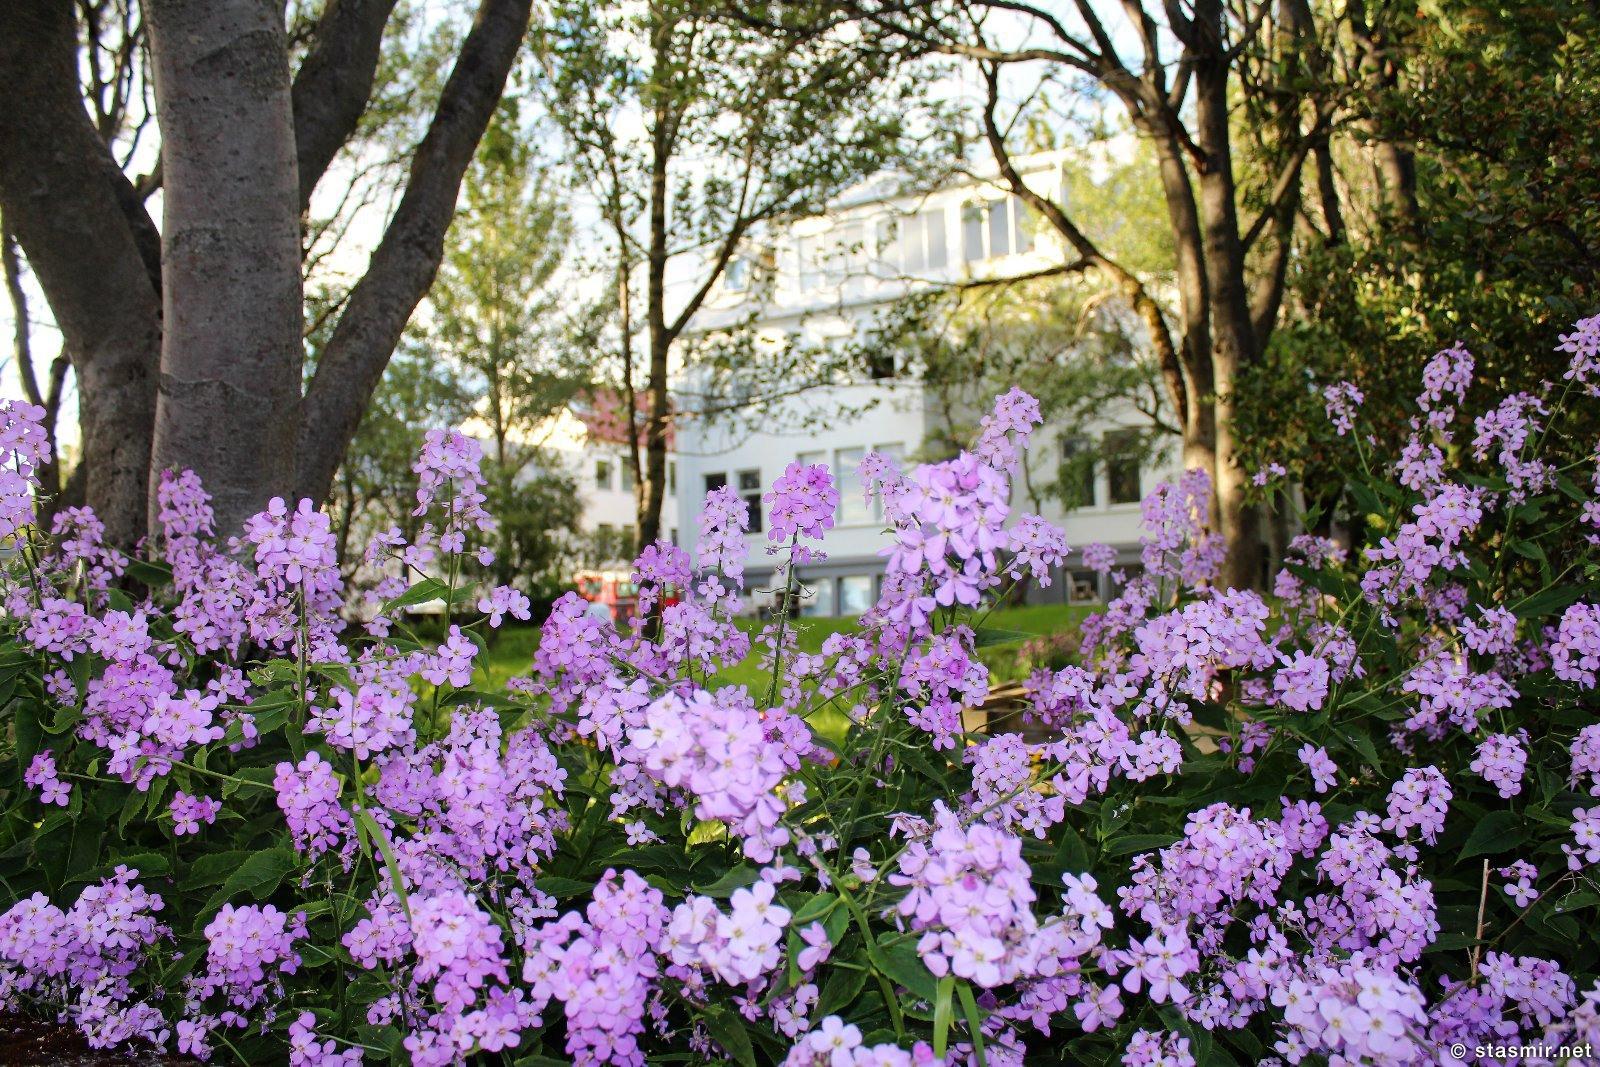 Цветущий сад в центральном Рейкьявике в районе Асгард, Фото Стасмир, photo Stasmir